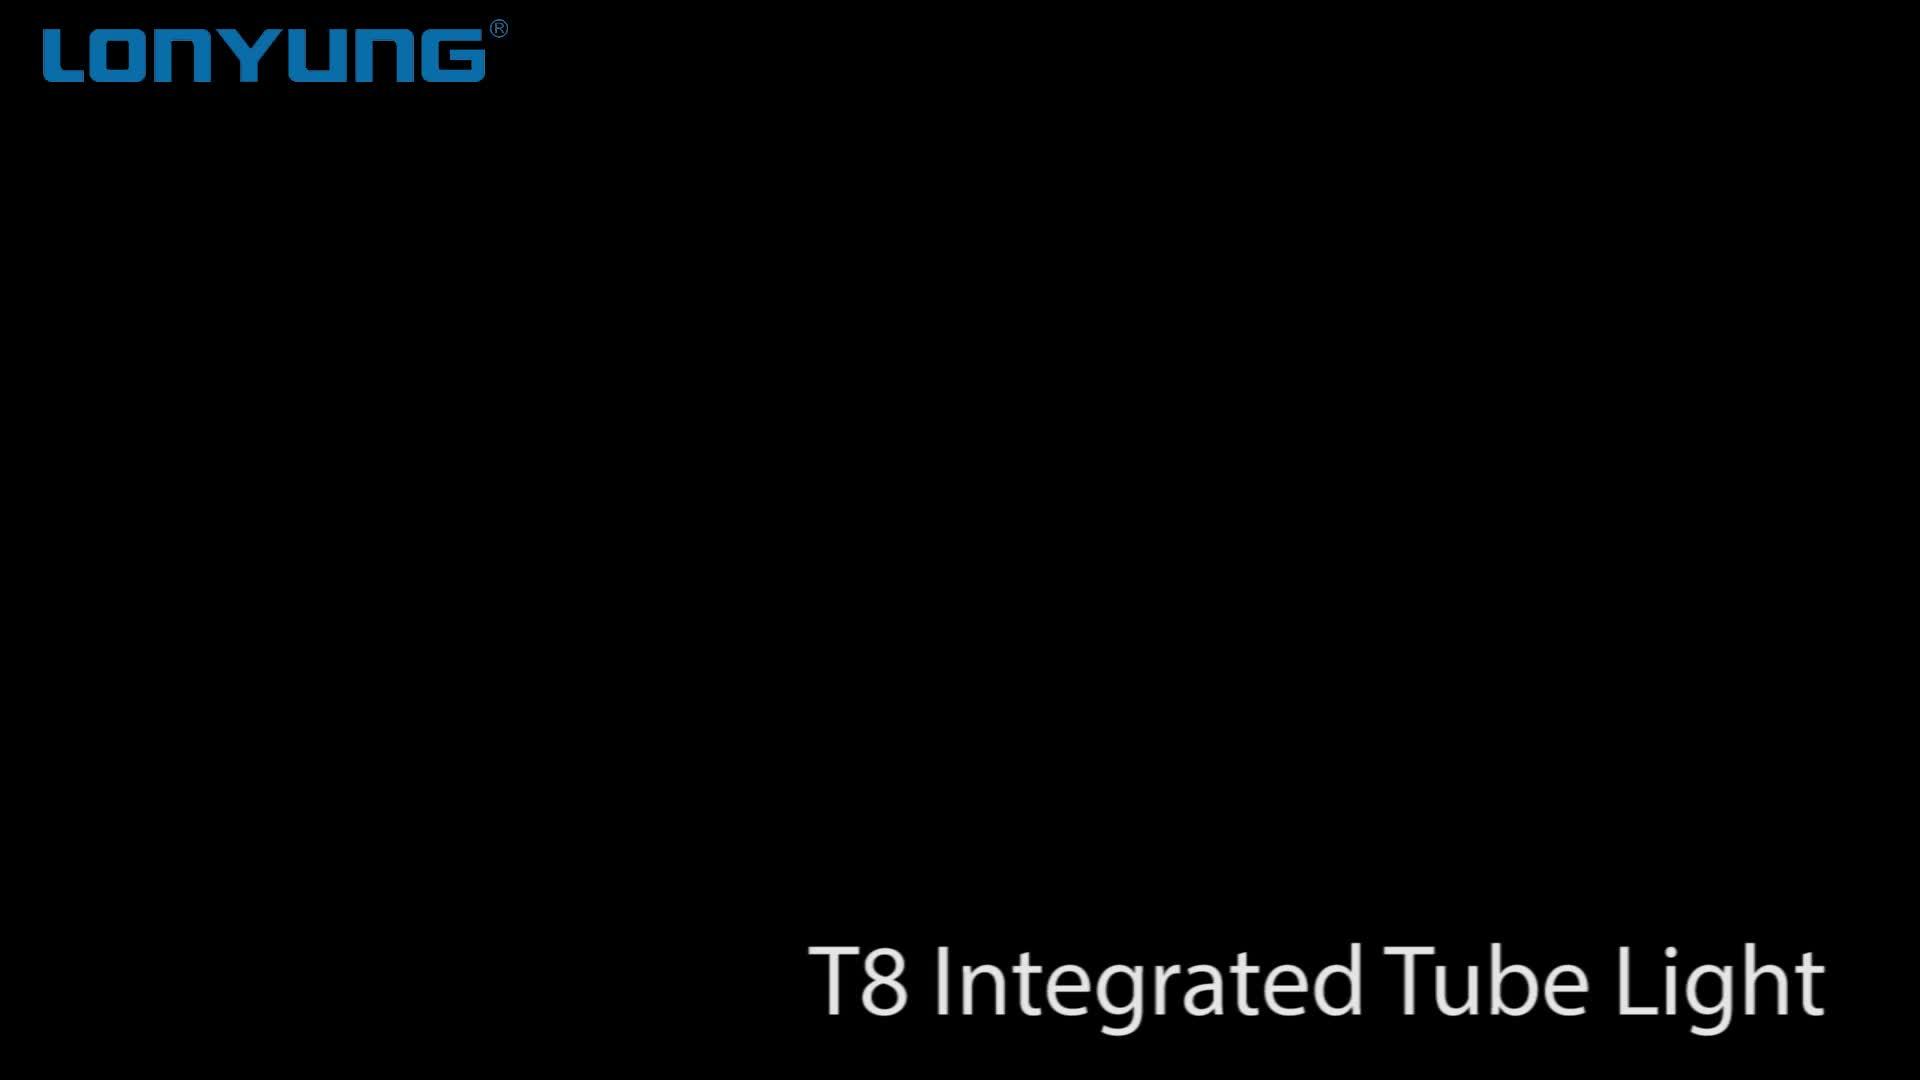 CE ได้รับการอนุมัติ Linkable led โคมไฟ T8 9 W แบบบูรณาการสำหรับการประยุกต์ใช้ในร่ม